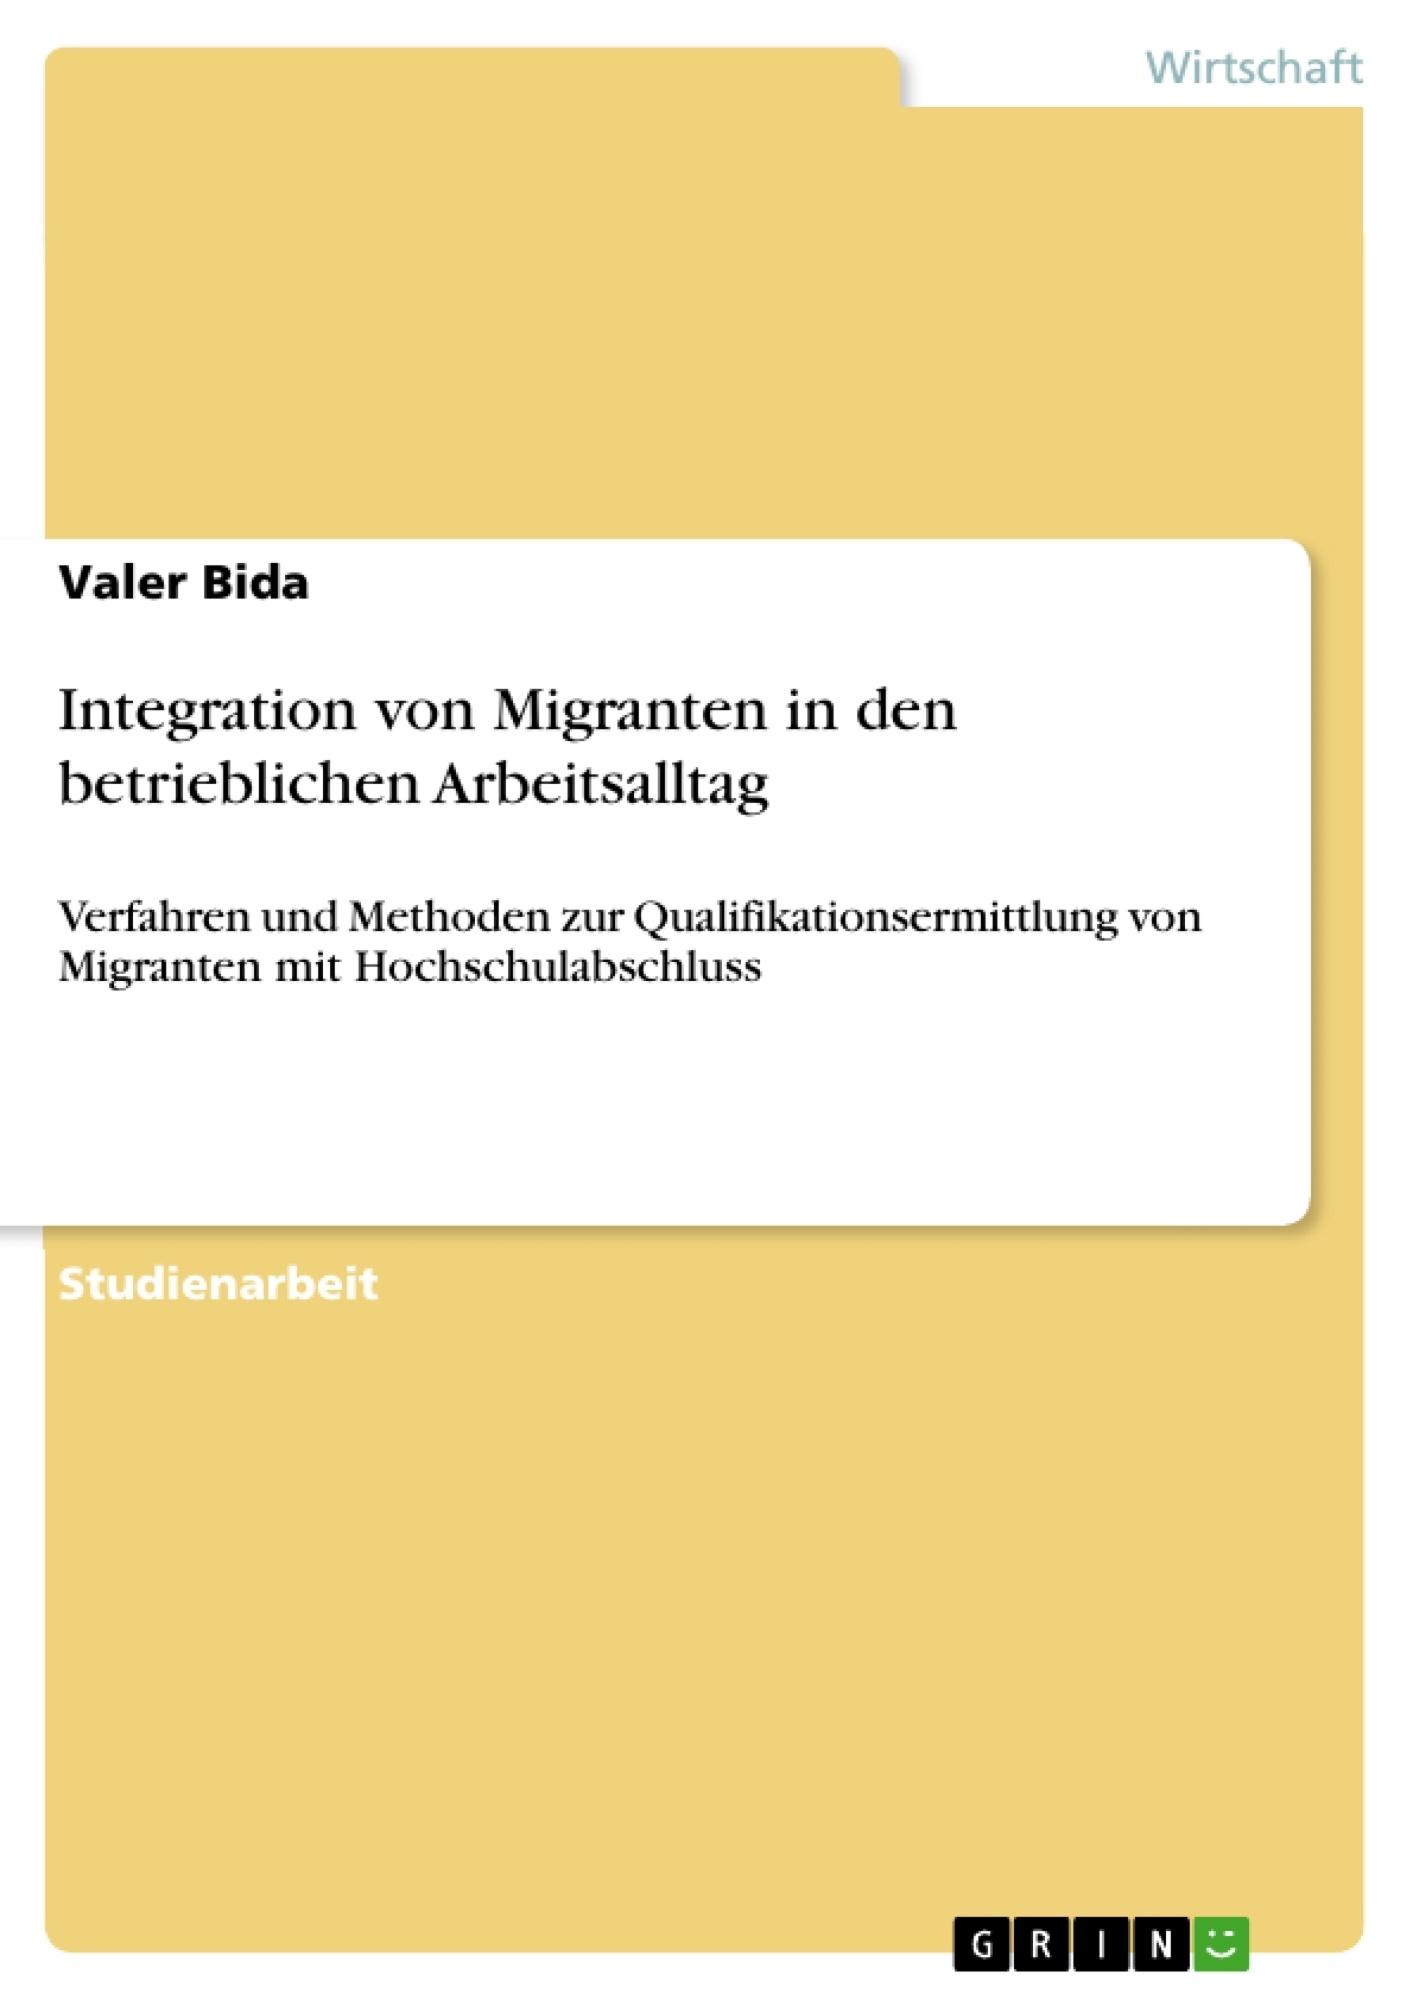 Titel: Integration von Migranten in den betrieblichen Arbeitsalltag